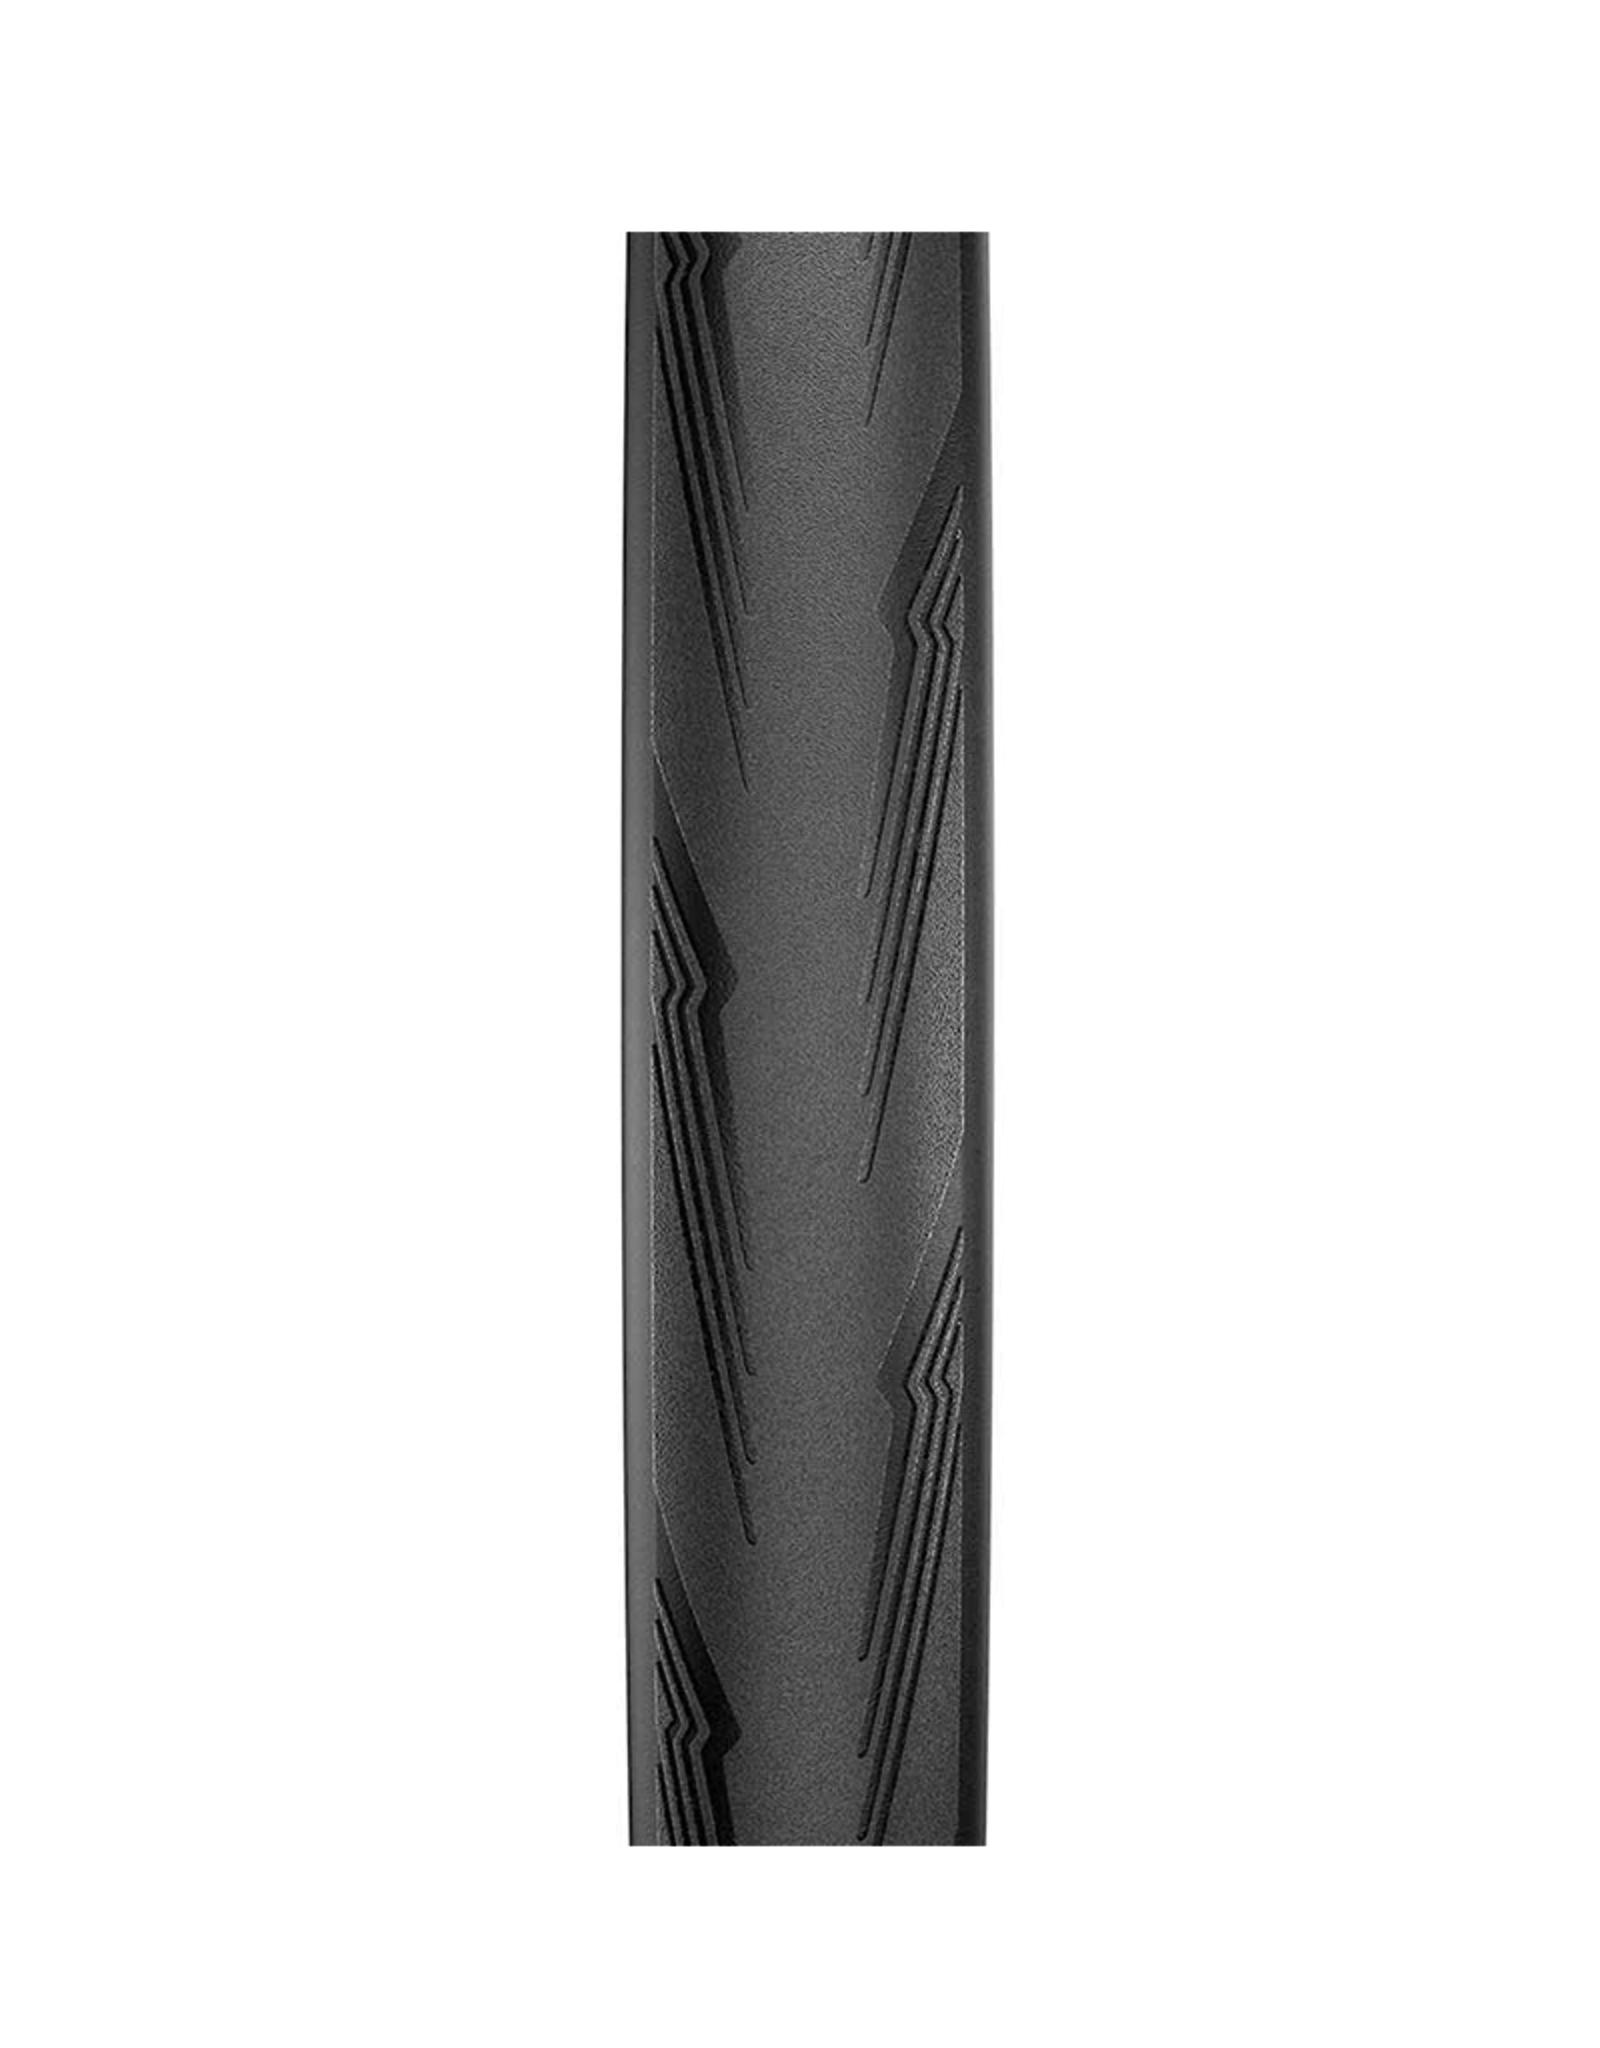 Pirelli Pirelli, PZero Velo 4S, 700x28C, Folding, Smartnet Silica, Aramid Fiber, 127TPI, 250g, Black